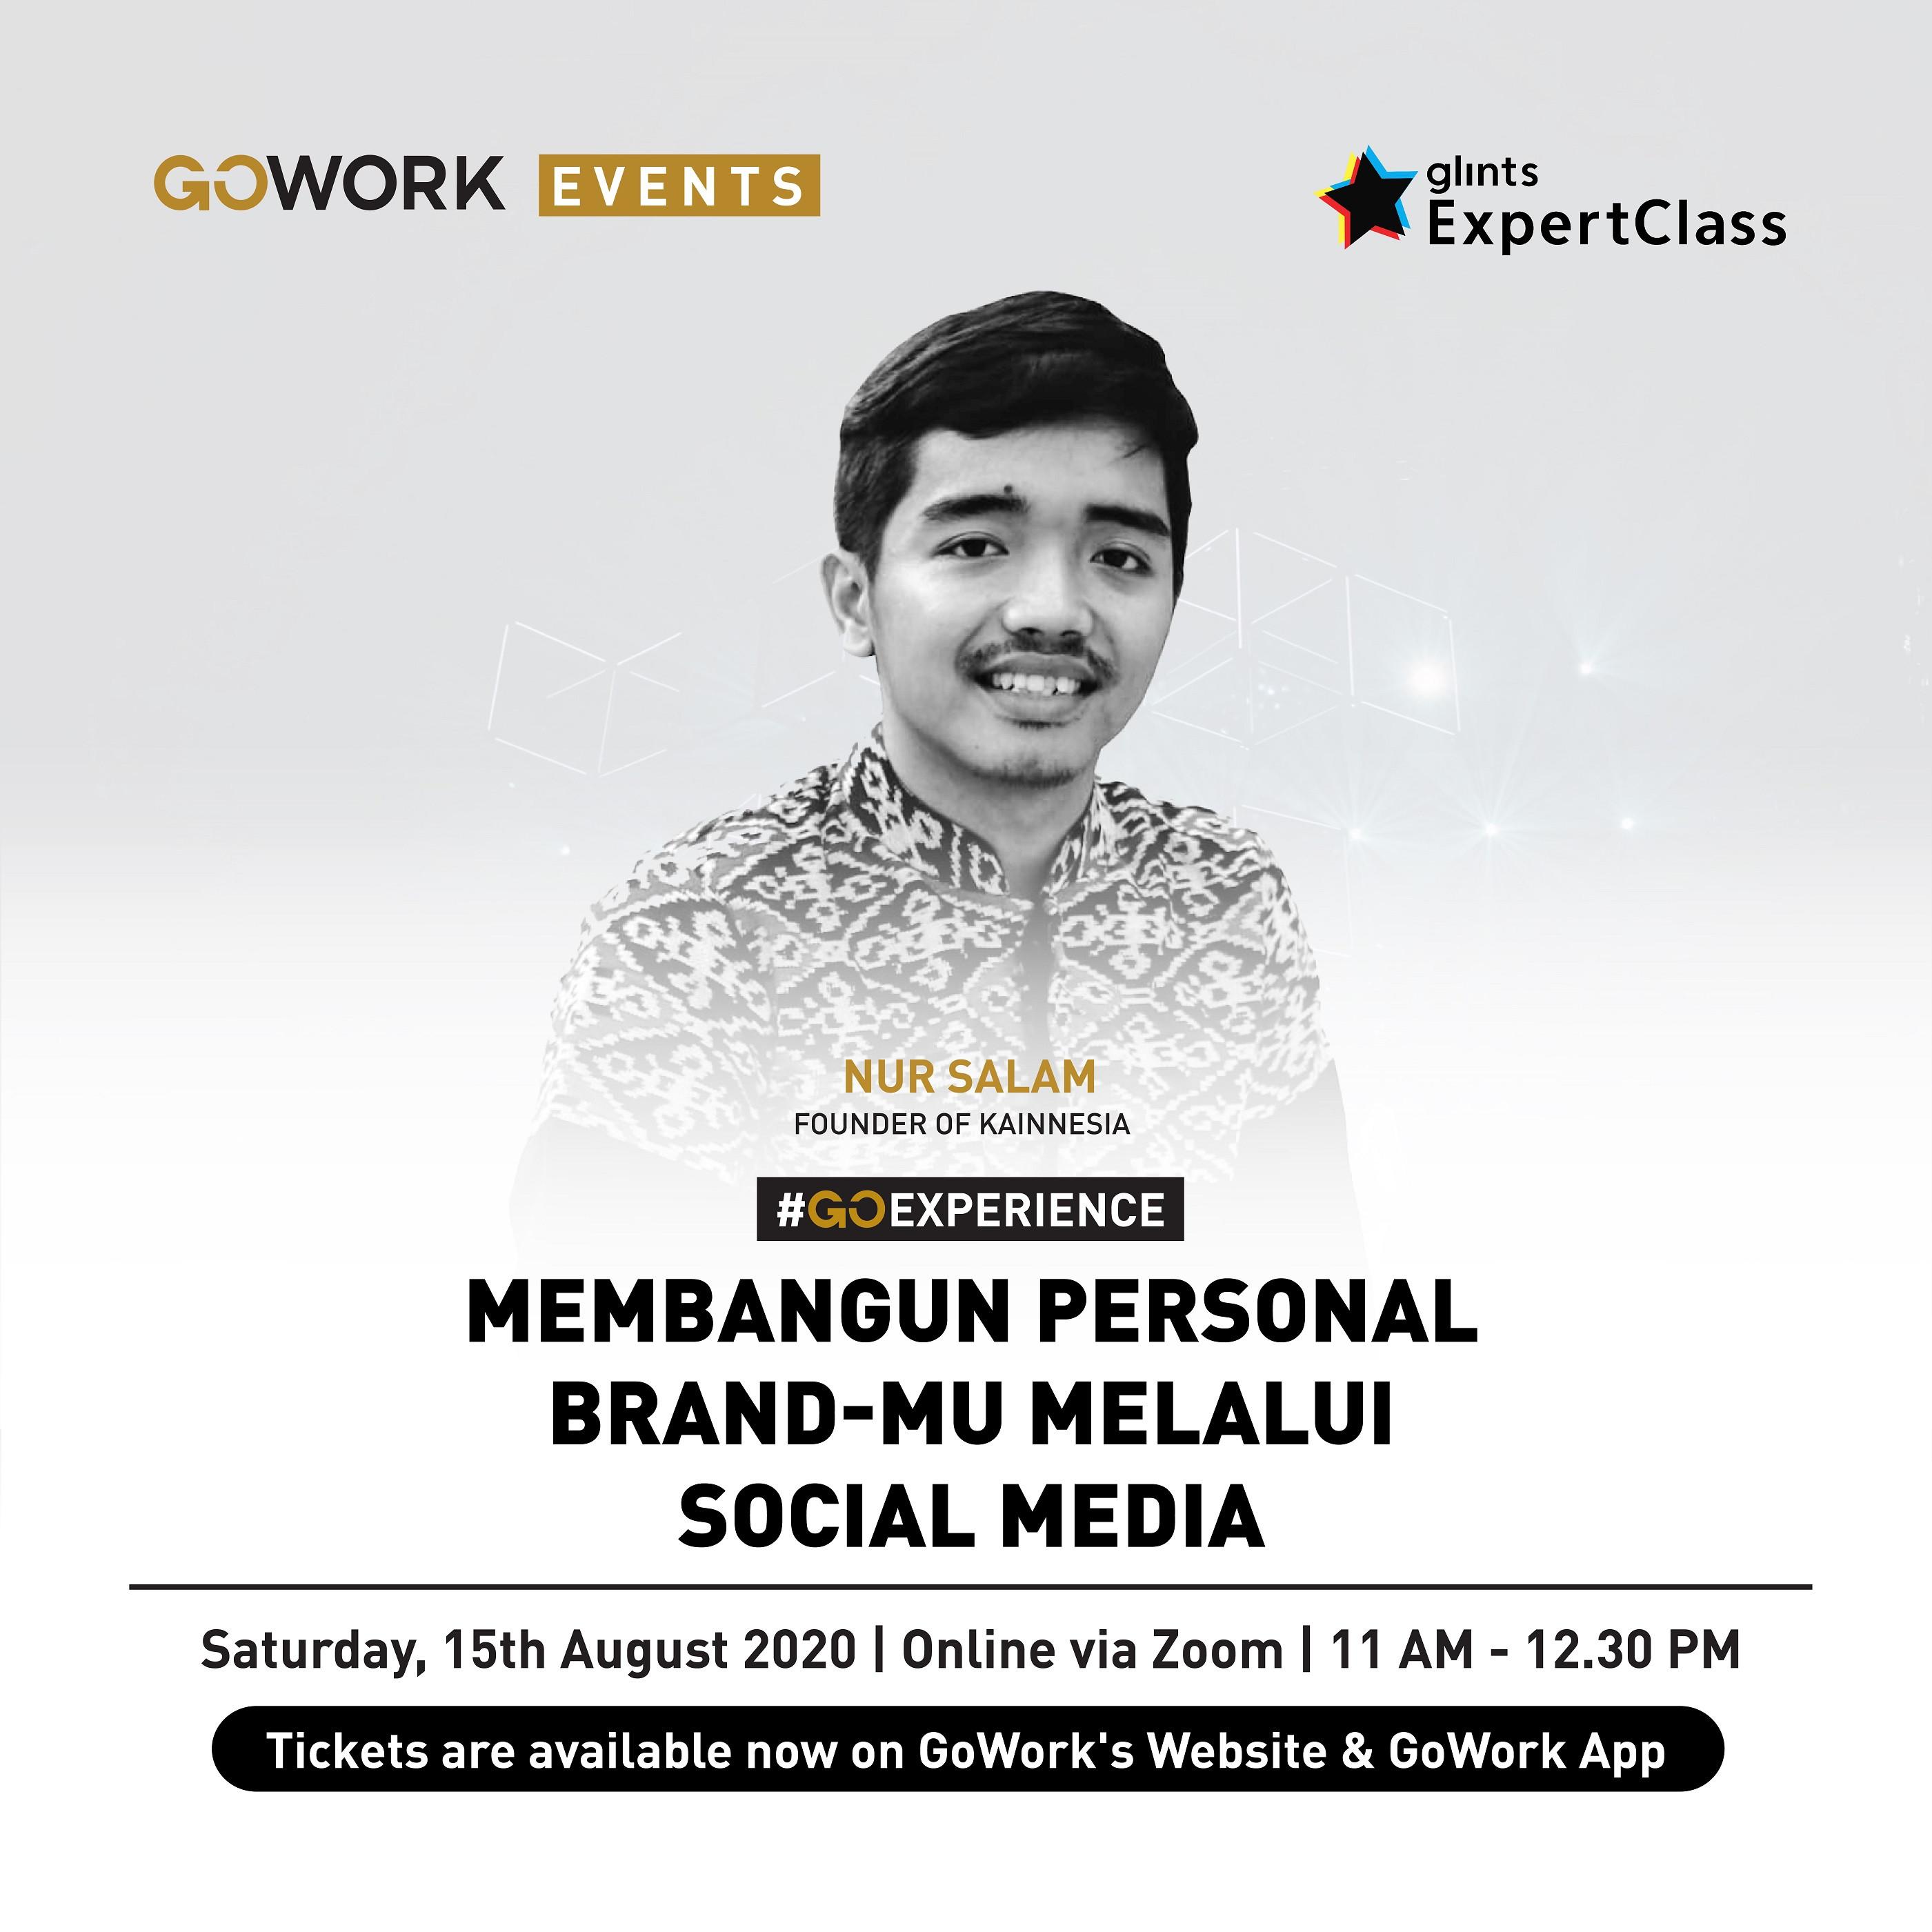 Membangun Personal Brand-mu Melalui Sosial Media